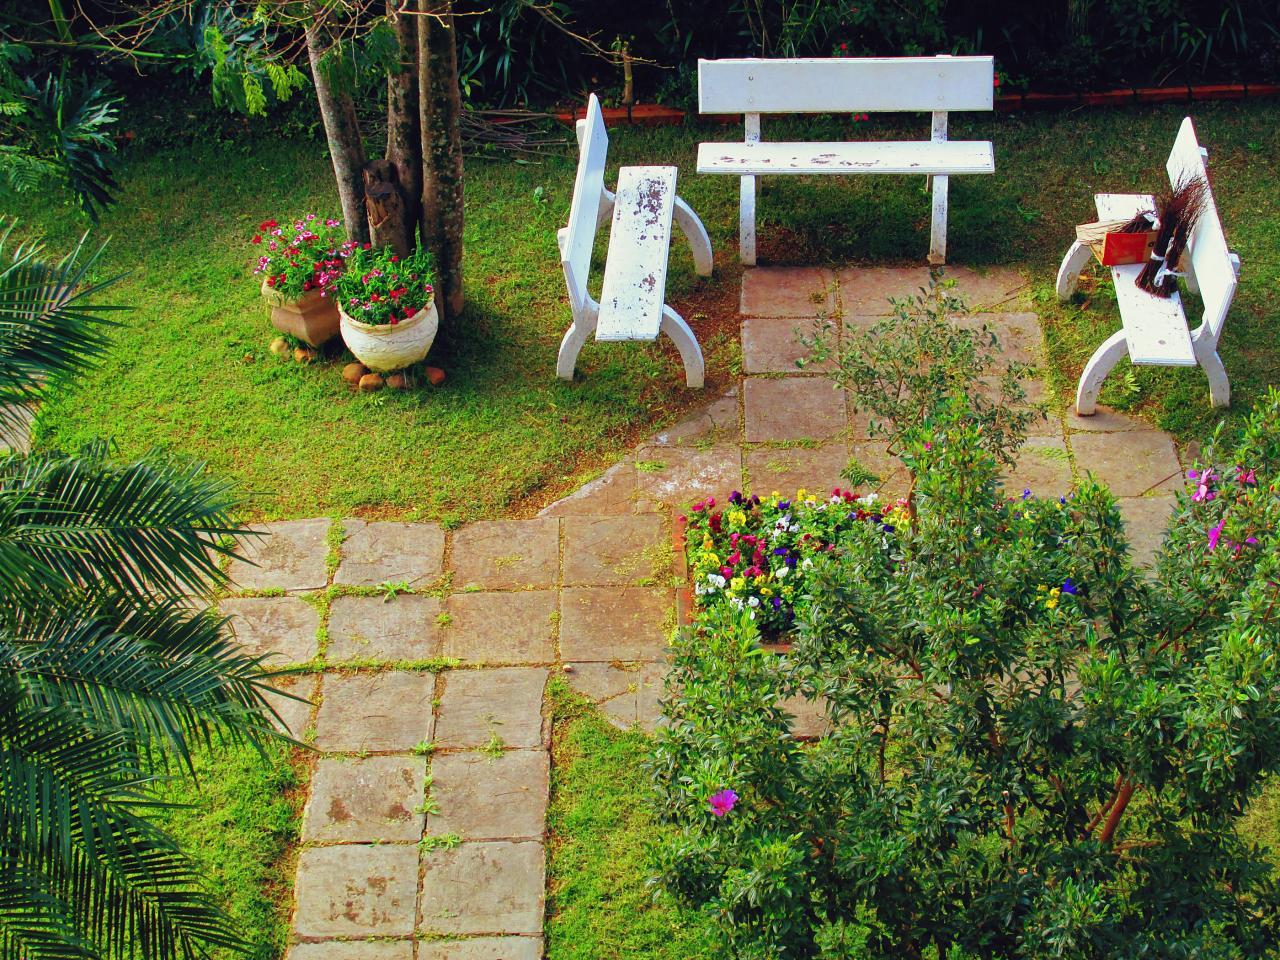 Dise os atractivos para jardines peque os lifestyle de - Decoracion del jardin ...